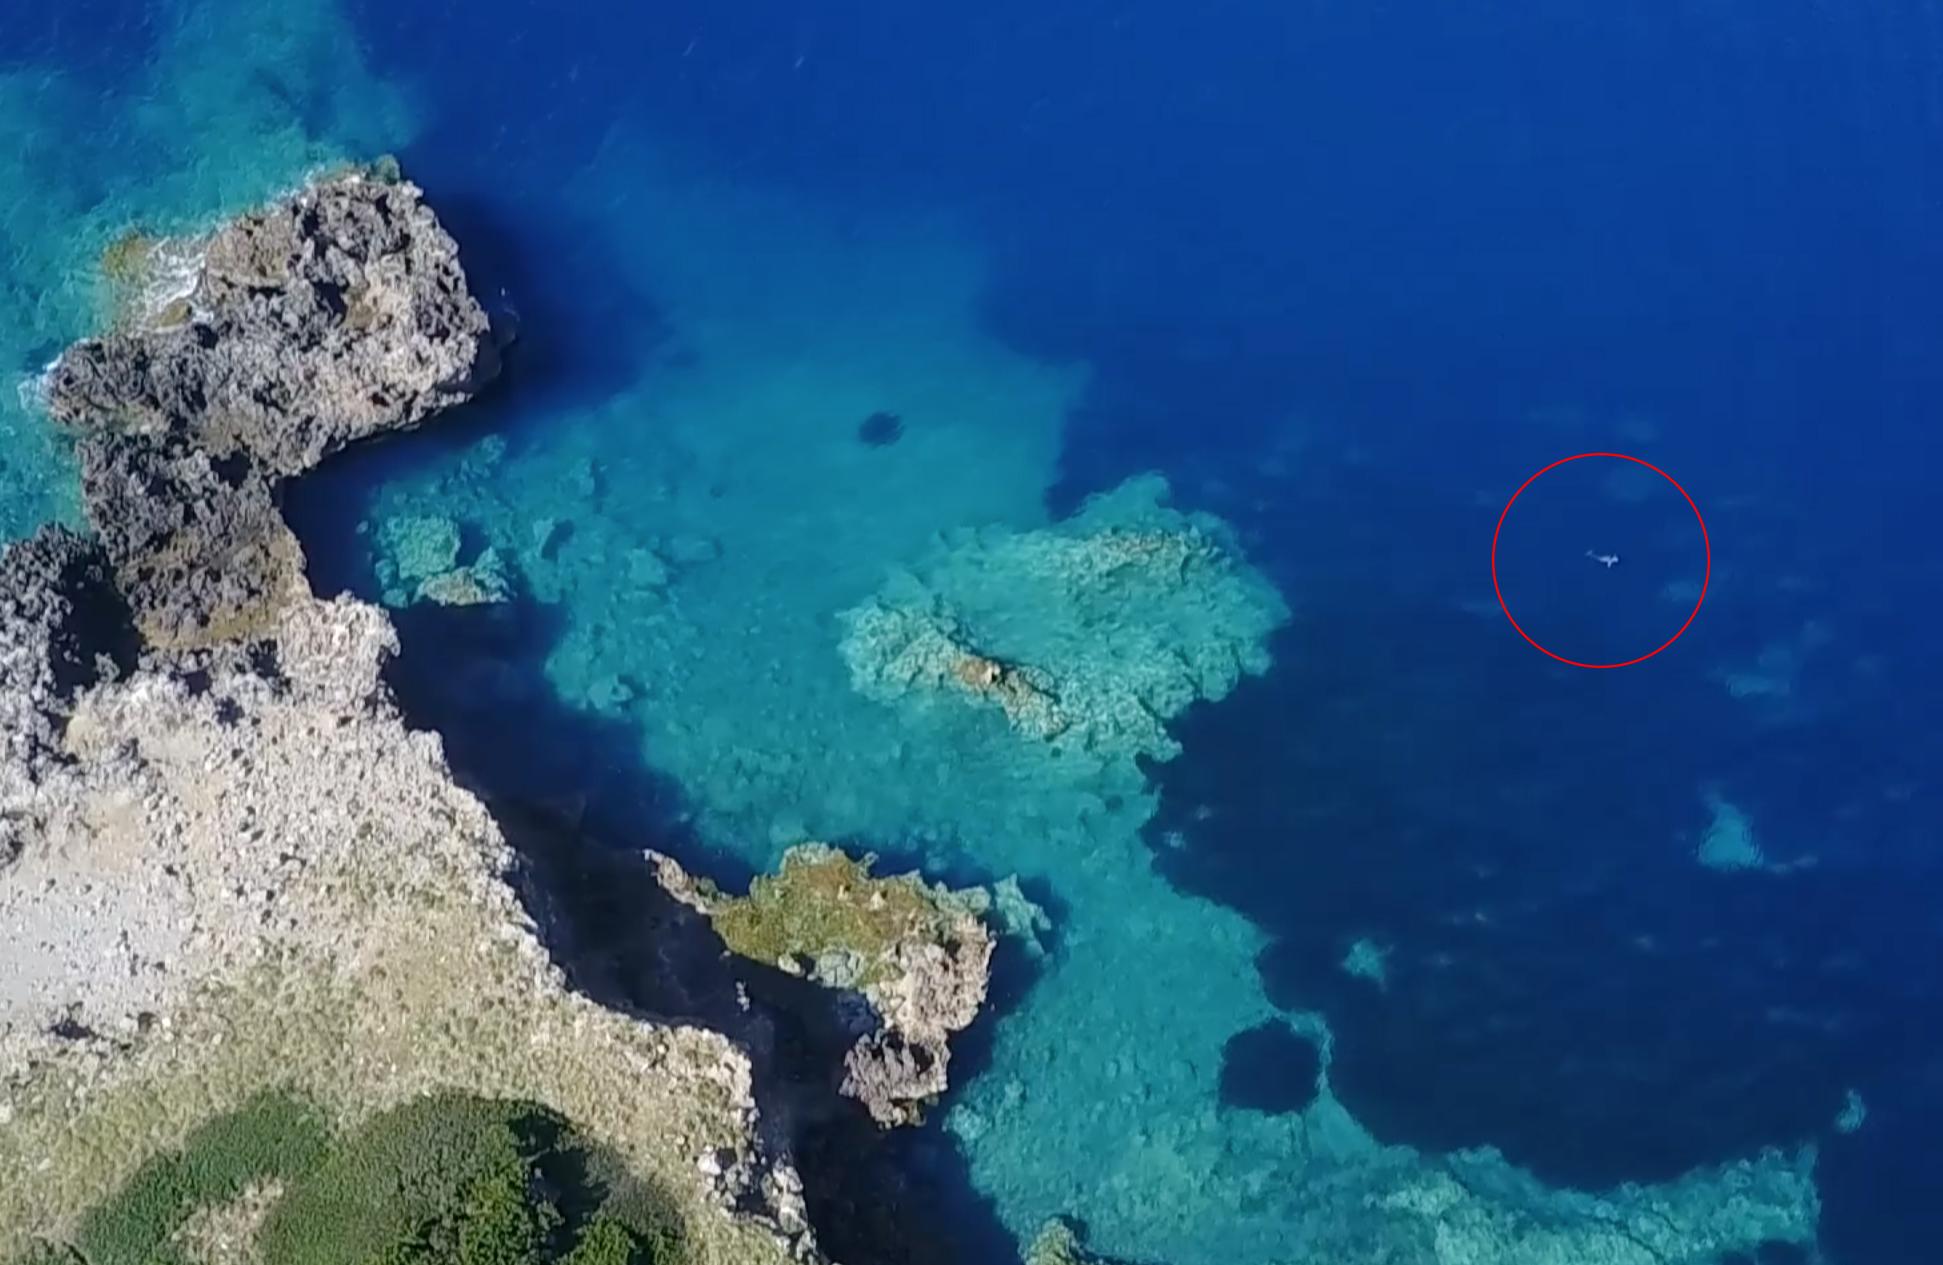 En 2017, l'un des pilotes de drones de la Fondation Octopus a pu tester la localisation d'un phoque moine depuis un quadricoptère. Le phoque n'a montré aucun signe de dérangement ou d'agacement. © Octopus Foundation